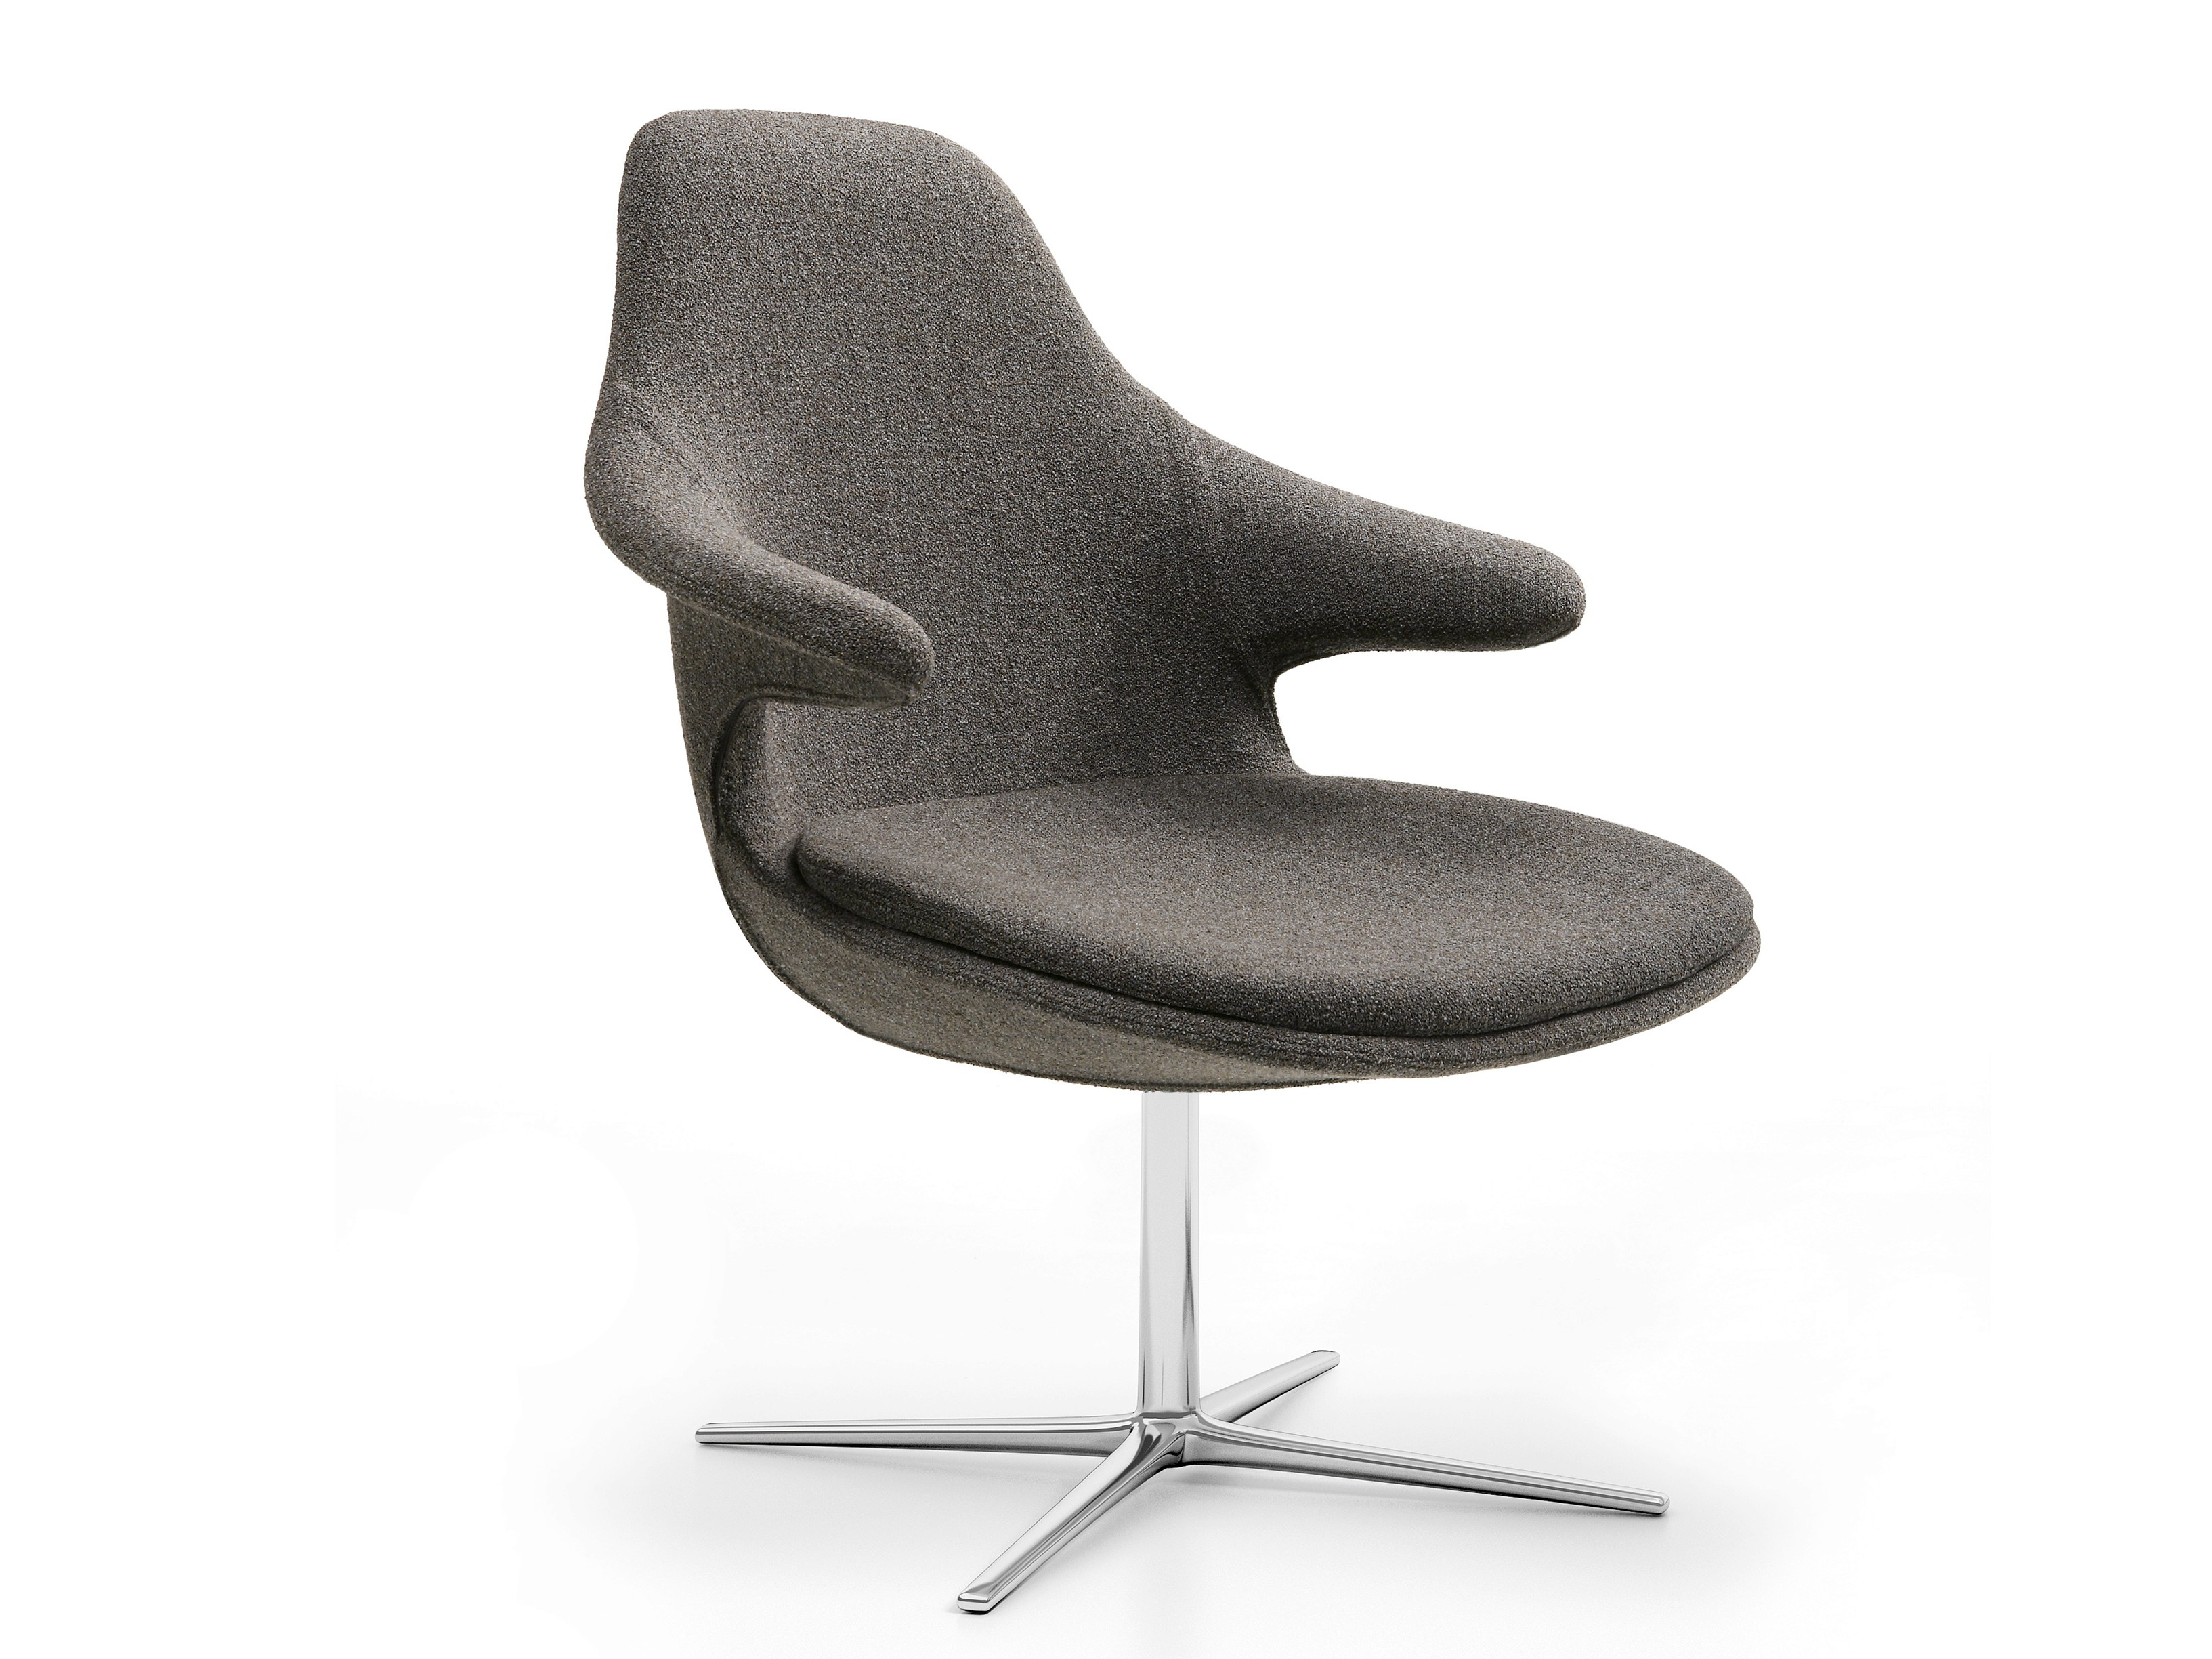 Petit fauteuil pivotant 4 branches avec accoudoirs loop - Petit fauteuil pivotant ...